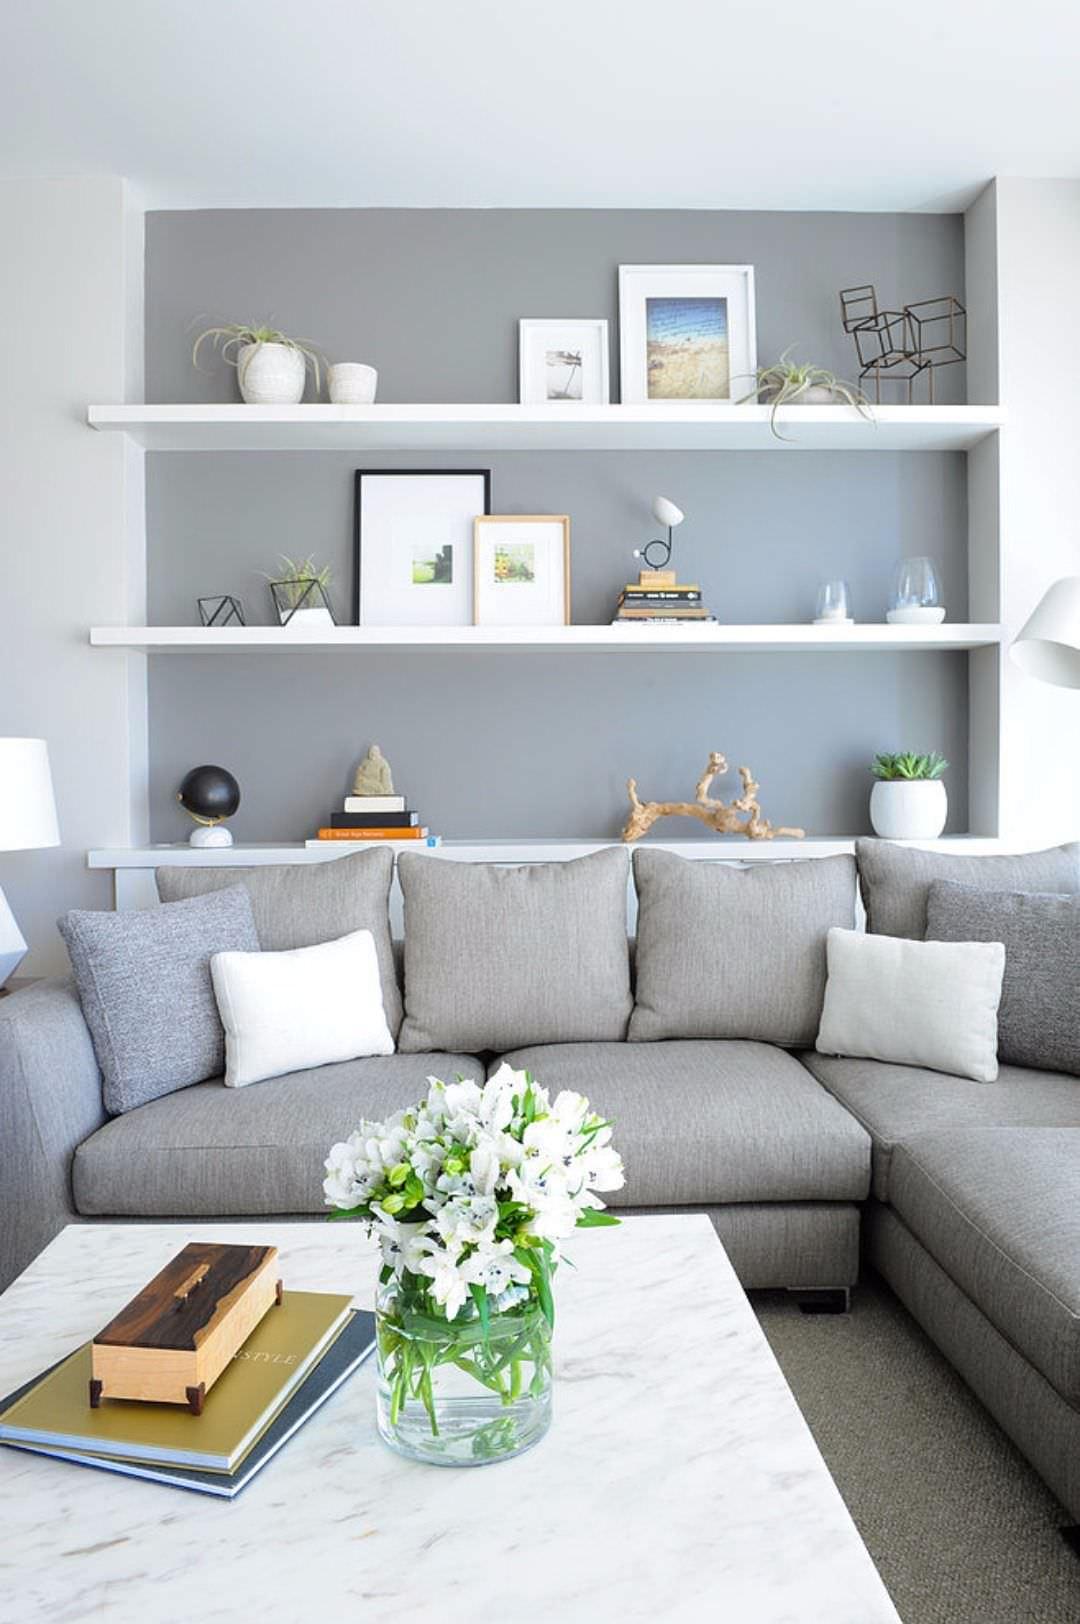 Basta munire l'intera parete dietro divano con mensole ad hoc,. Soggiorno Scandinavo 50 Idee Per Arredare Un Salotto Nordico Stile Colori Pareti Arredo Moderno Start Preventivi